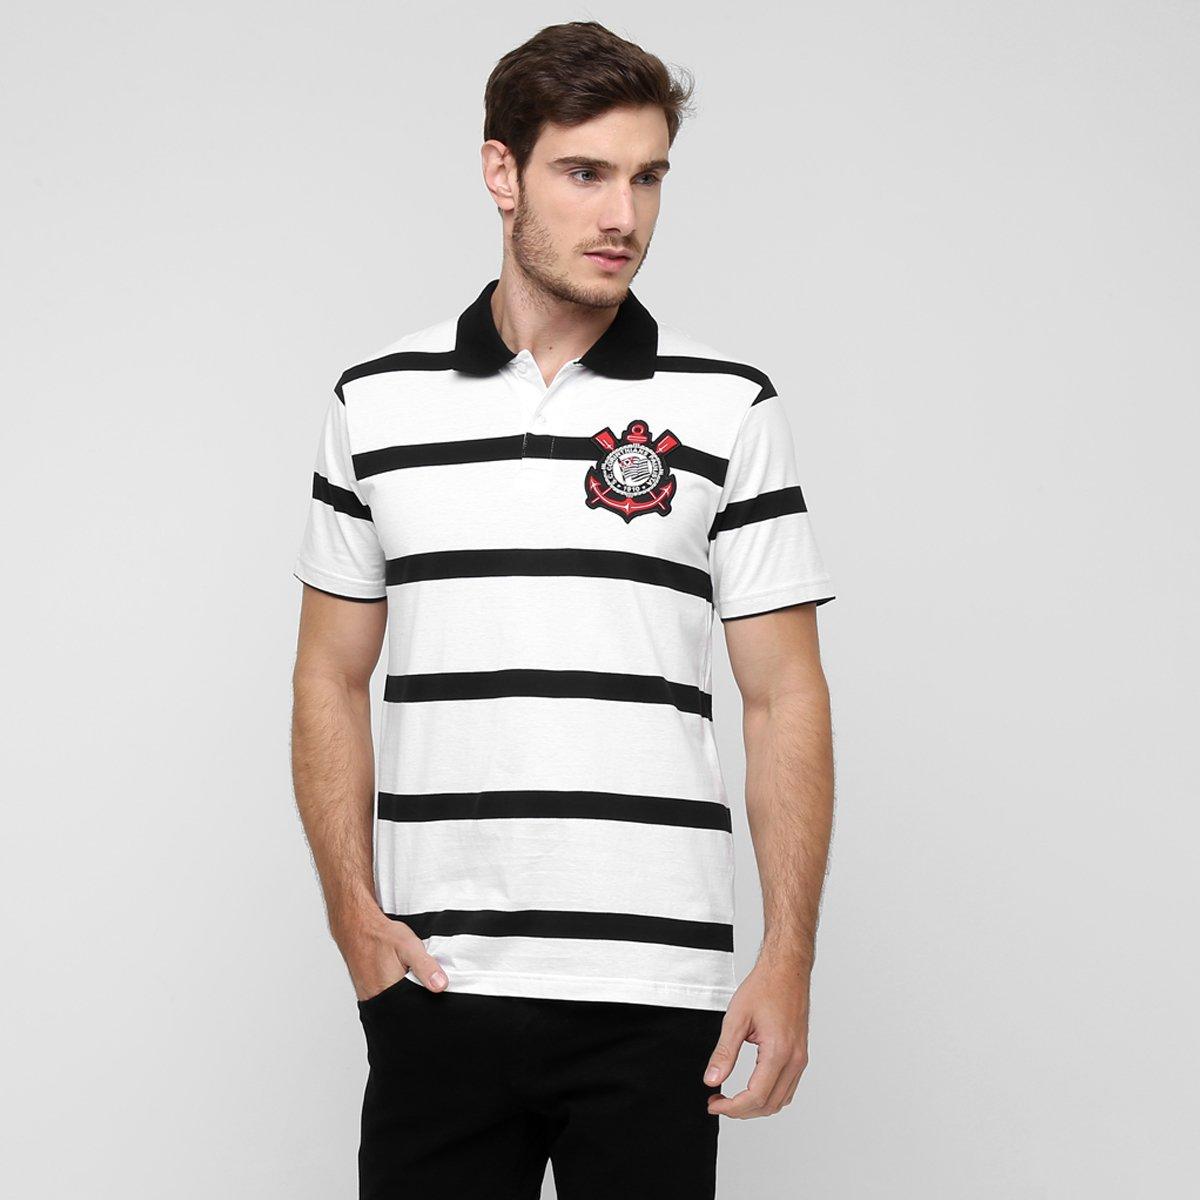 0dcb53c6ad Camisa Polo Corinthians Harris Masculina - Compre Agora